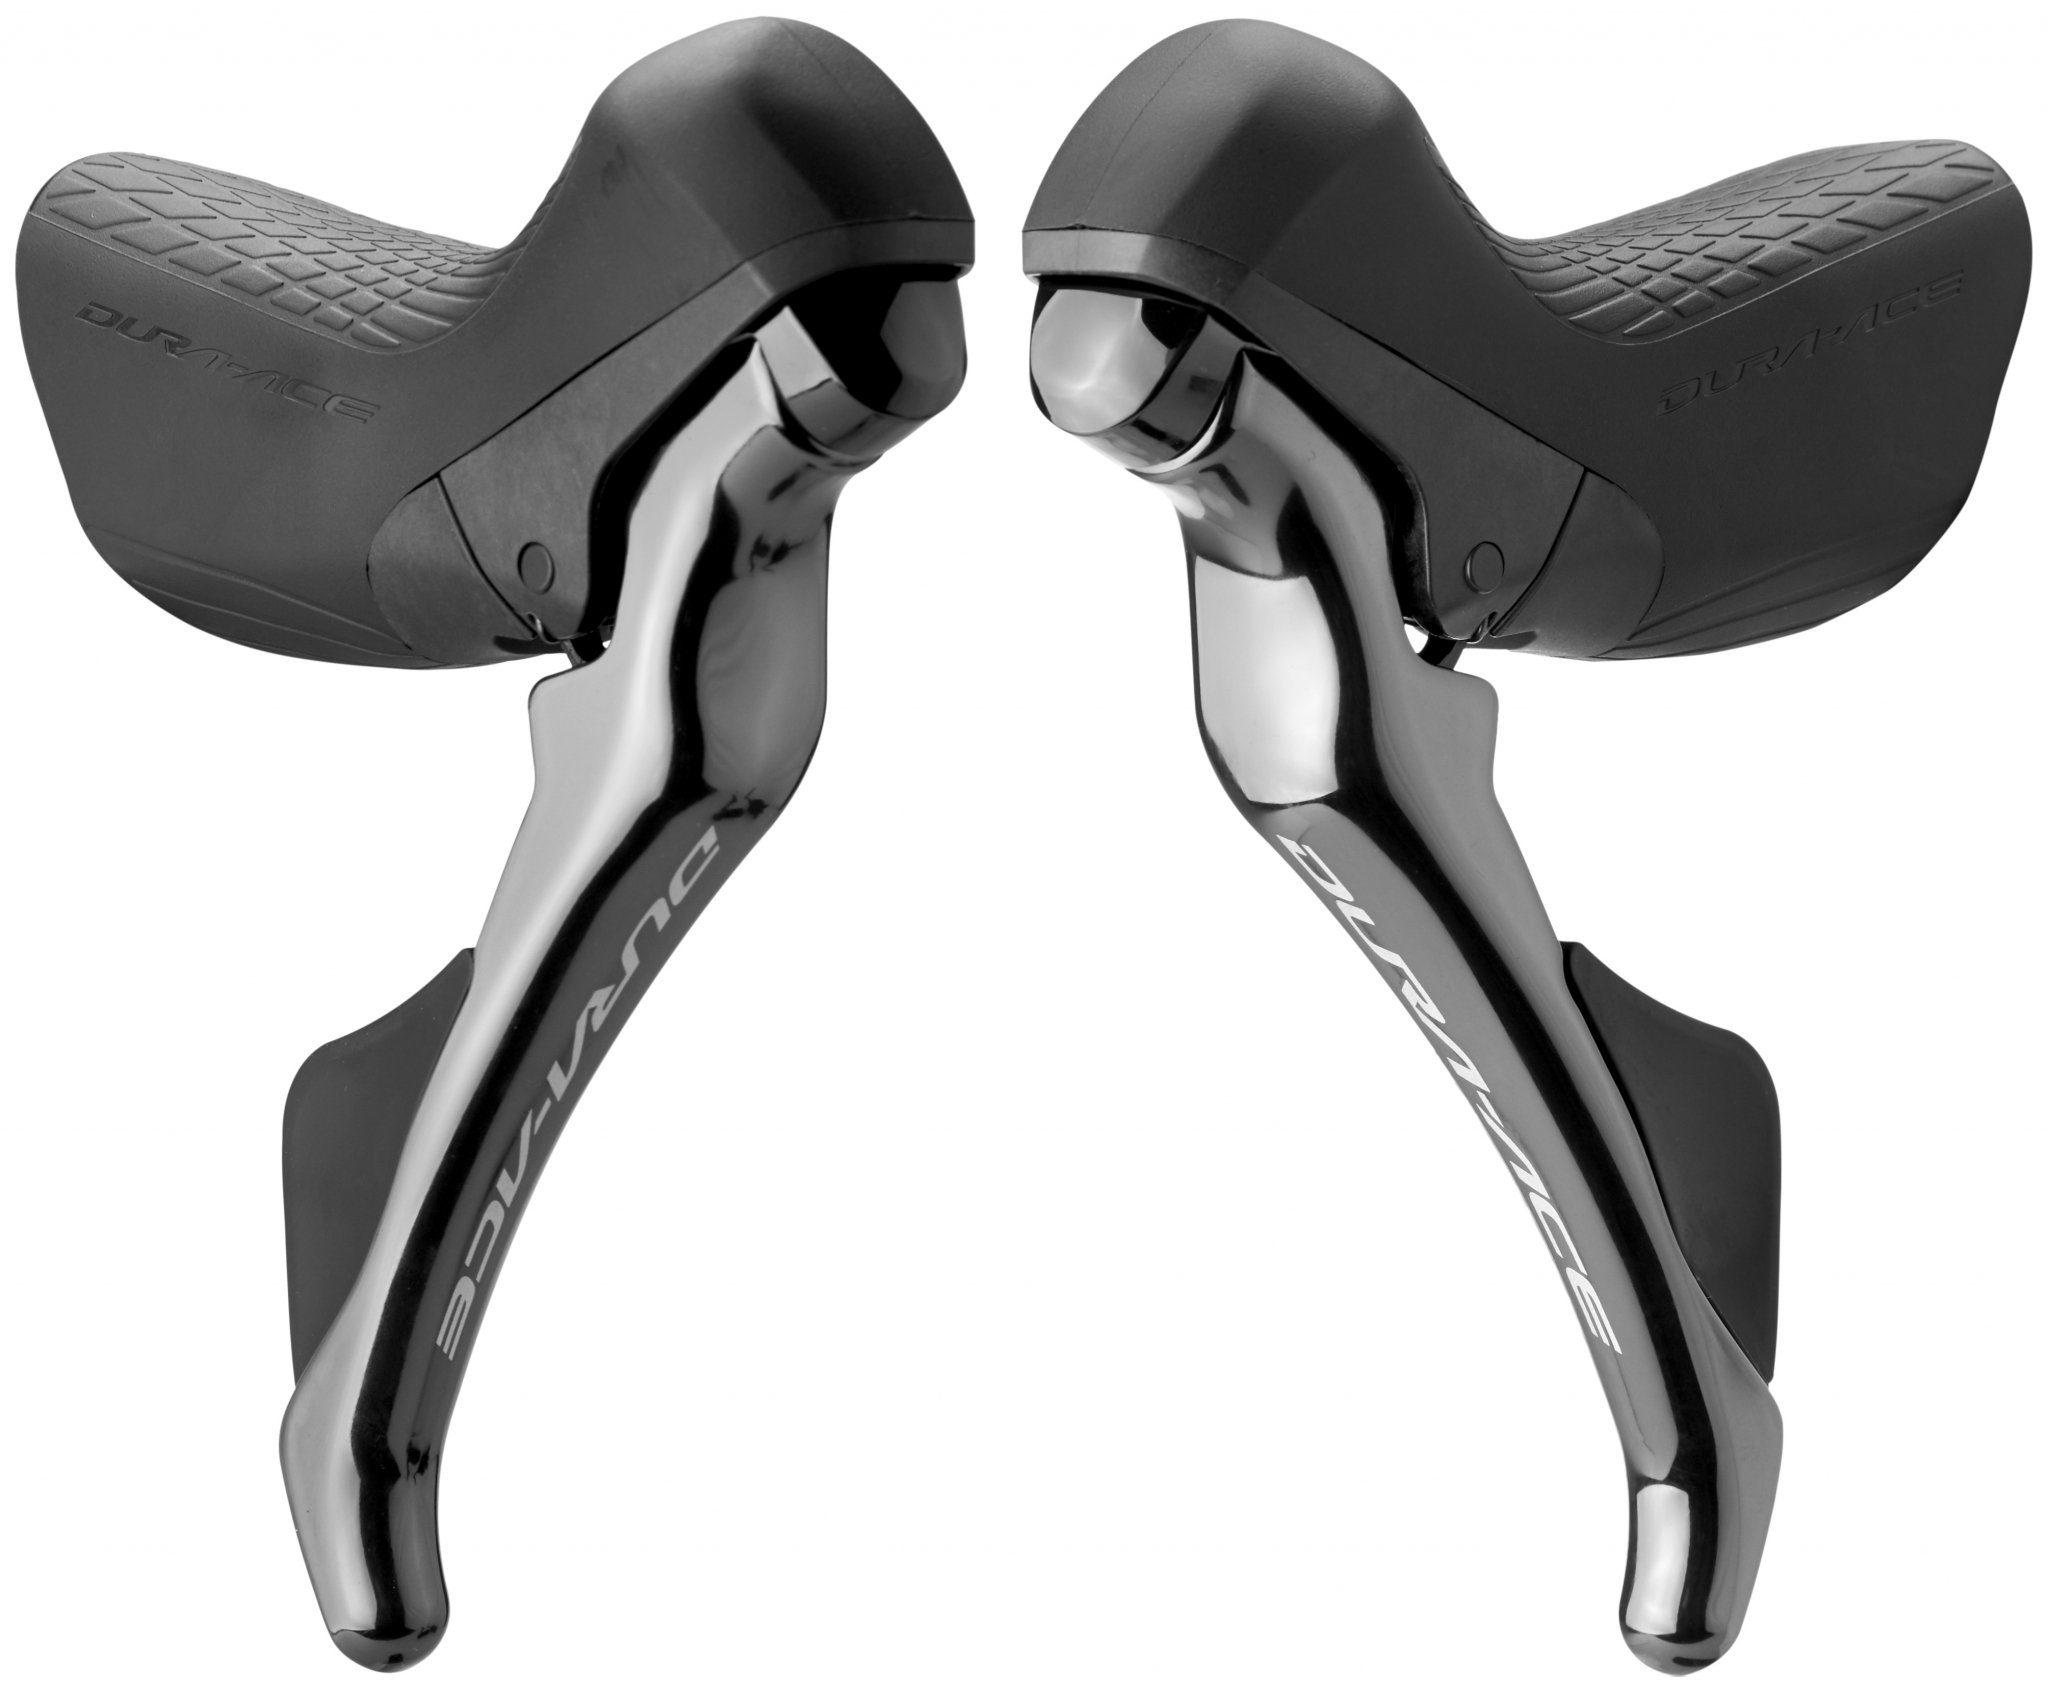 Shimano Schaltung »Dura Ace ST-R9100 Schalt-/Bremshebel Set 2x11-fach«